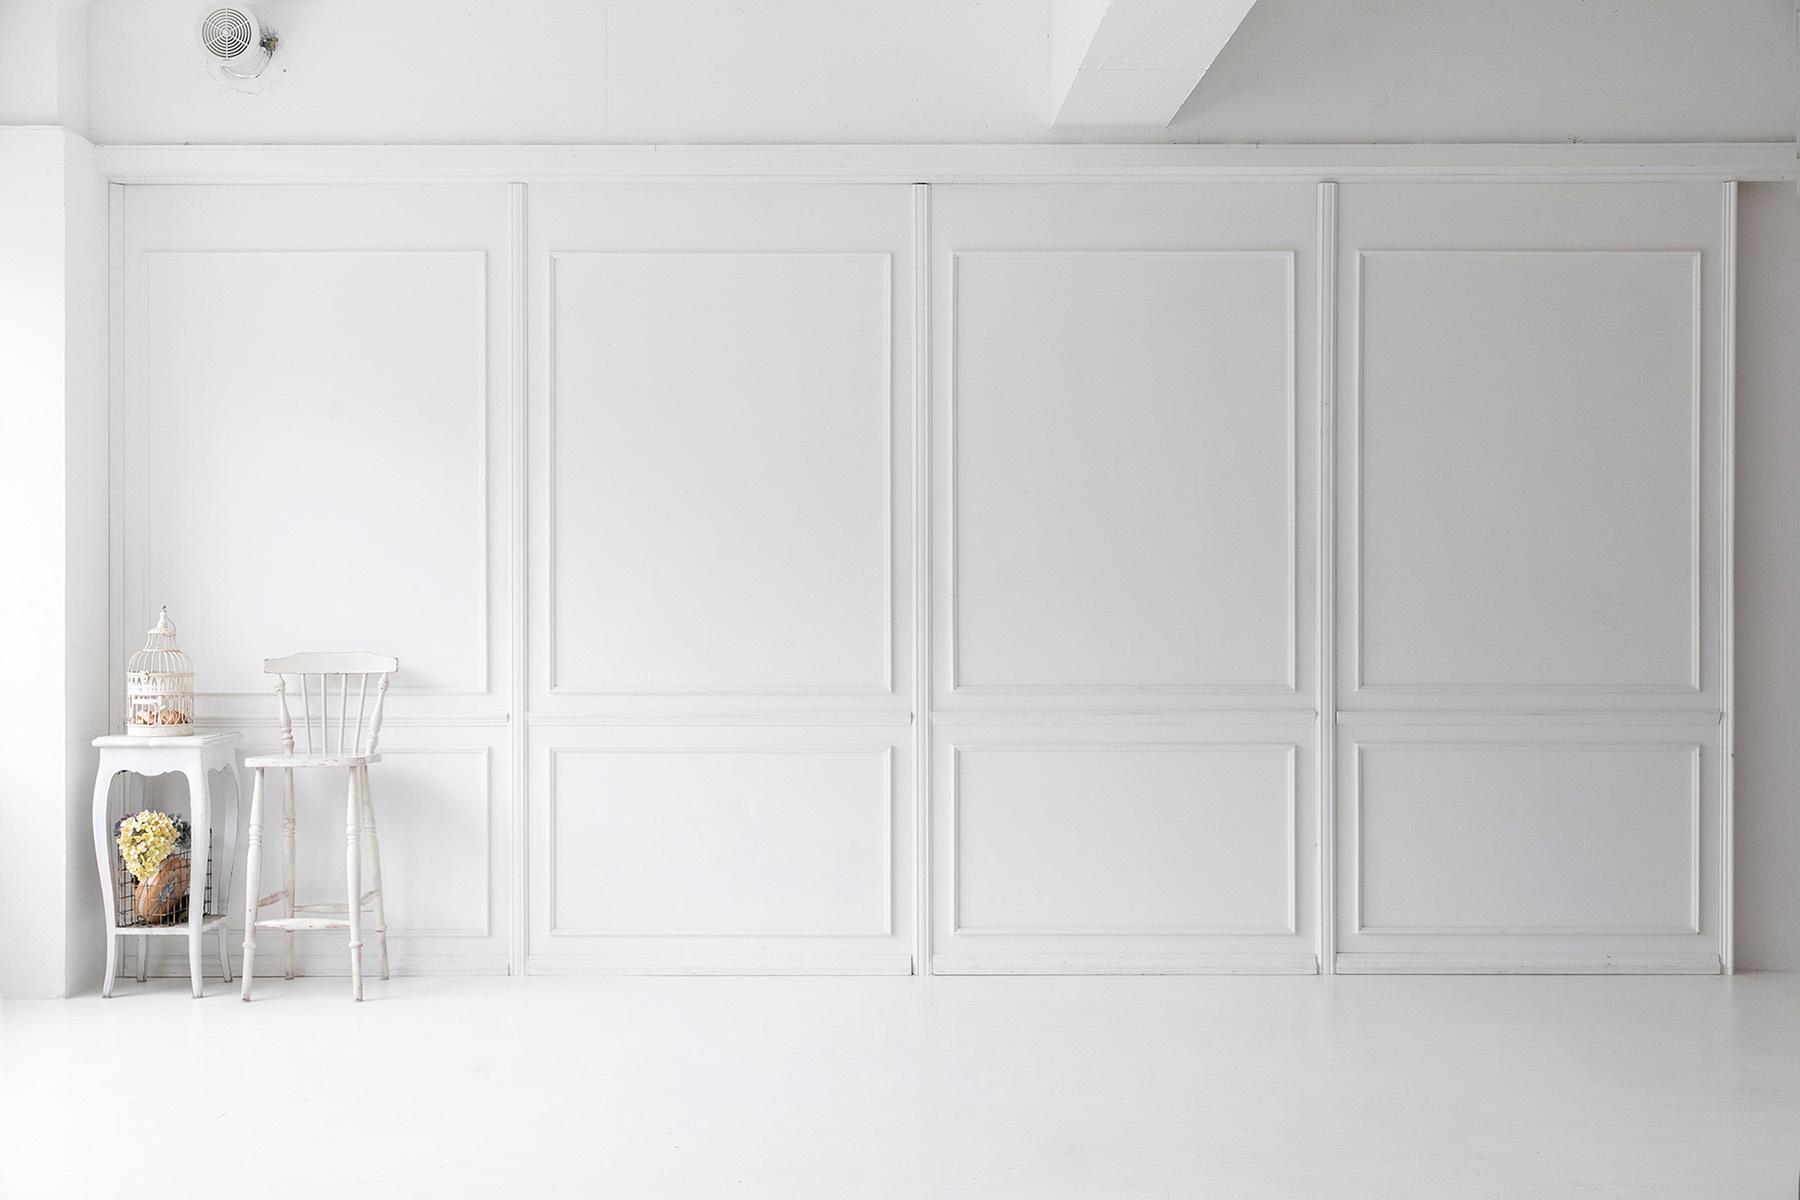 studio Mired(スタジオ ミレッド)ニュアンスのある白壁